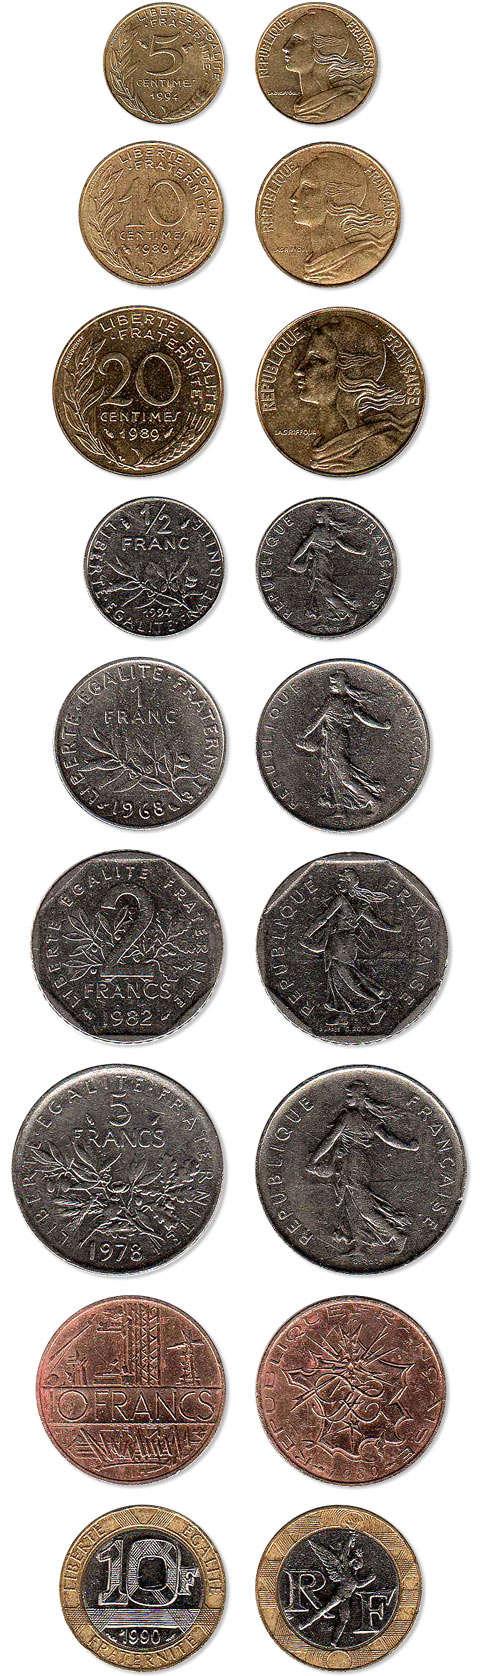 Pièces 10, 20, 50 centimes et 1, 2, 5, 10 francs